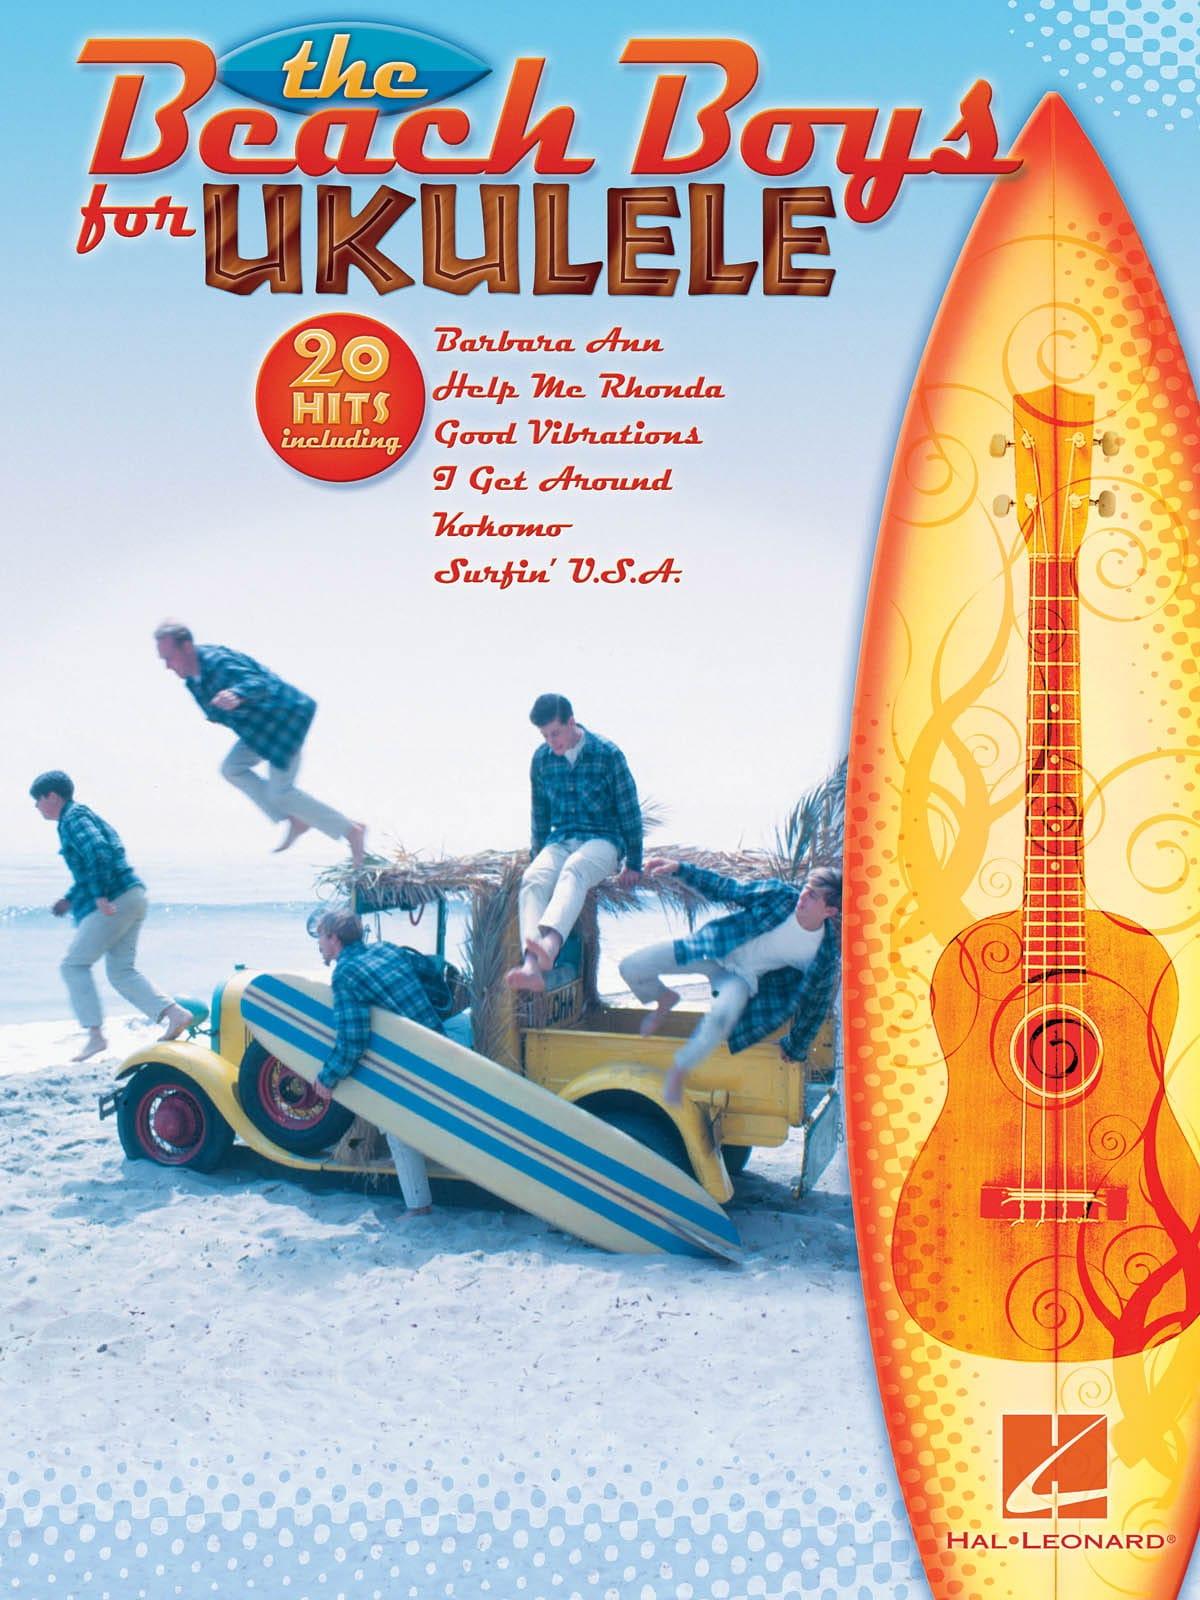 The Beach Boys for Ukulele - The Beach Boys - laflutedepan.com